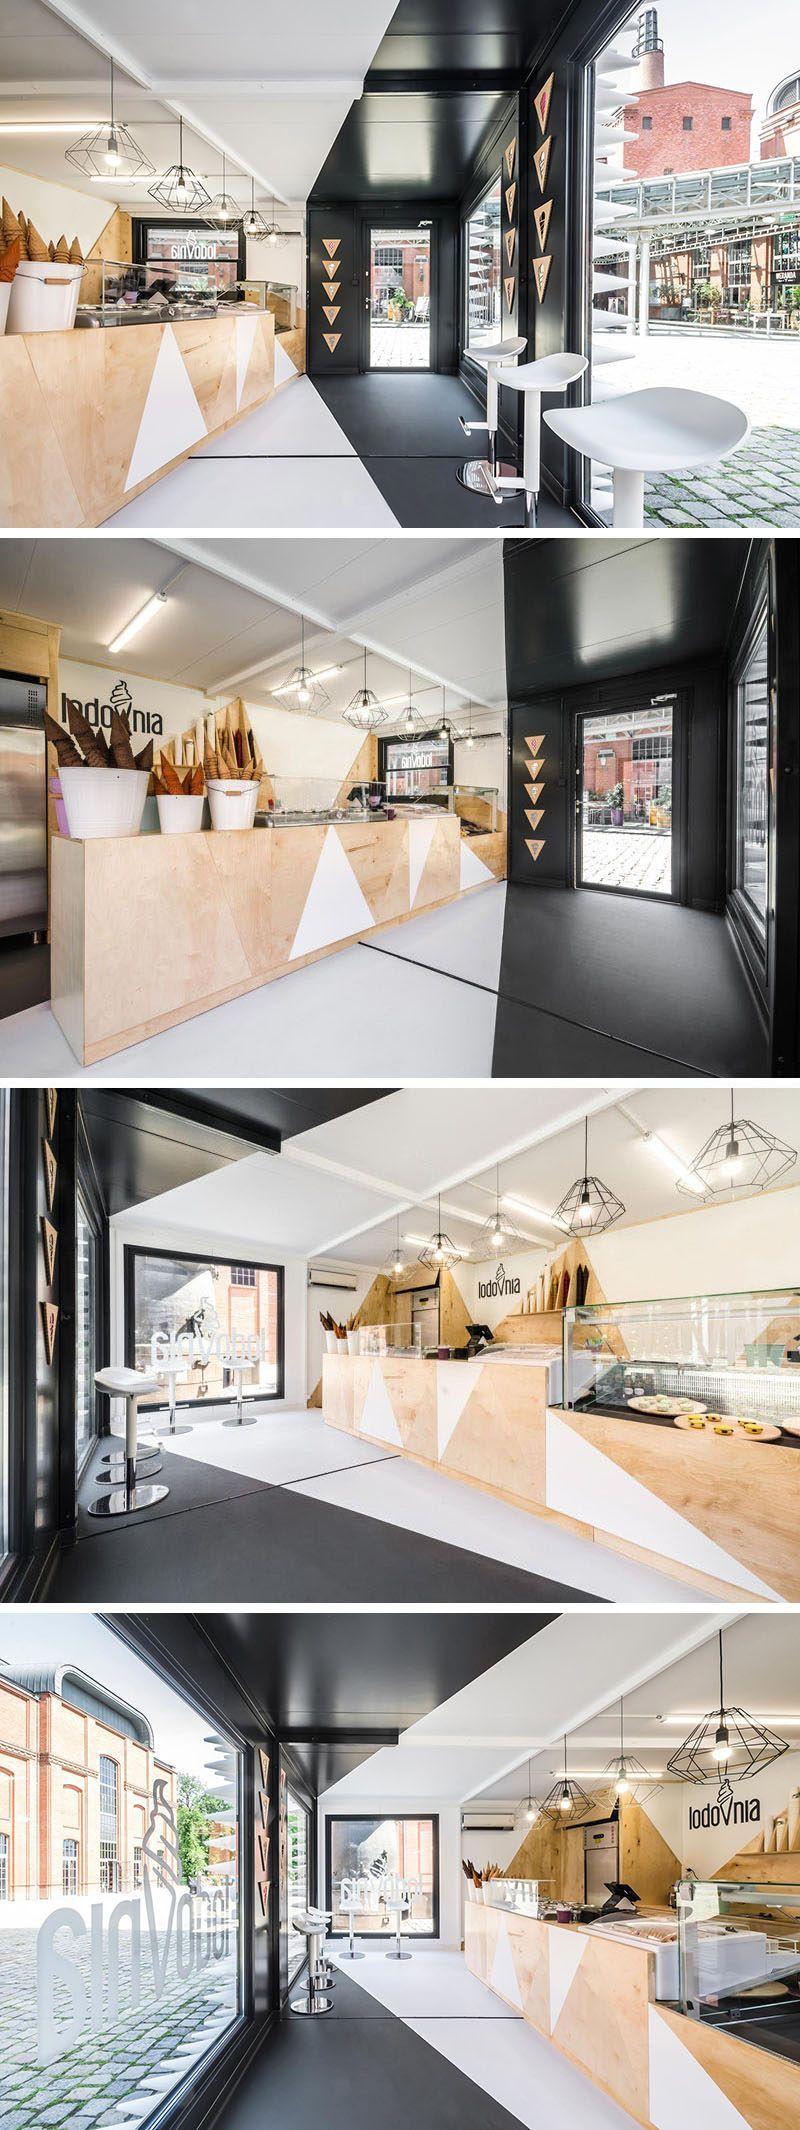 luxurious interior design in a fantastic restaurant